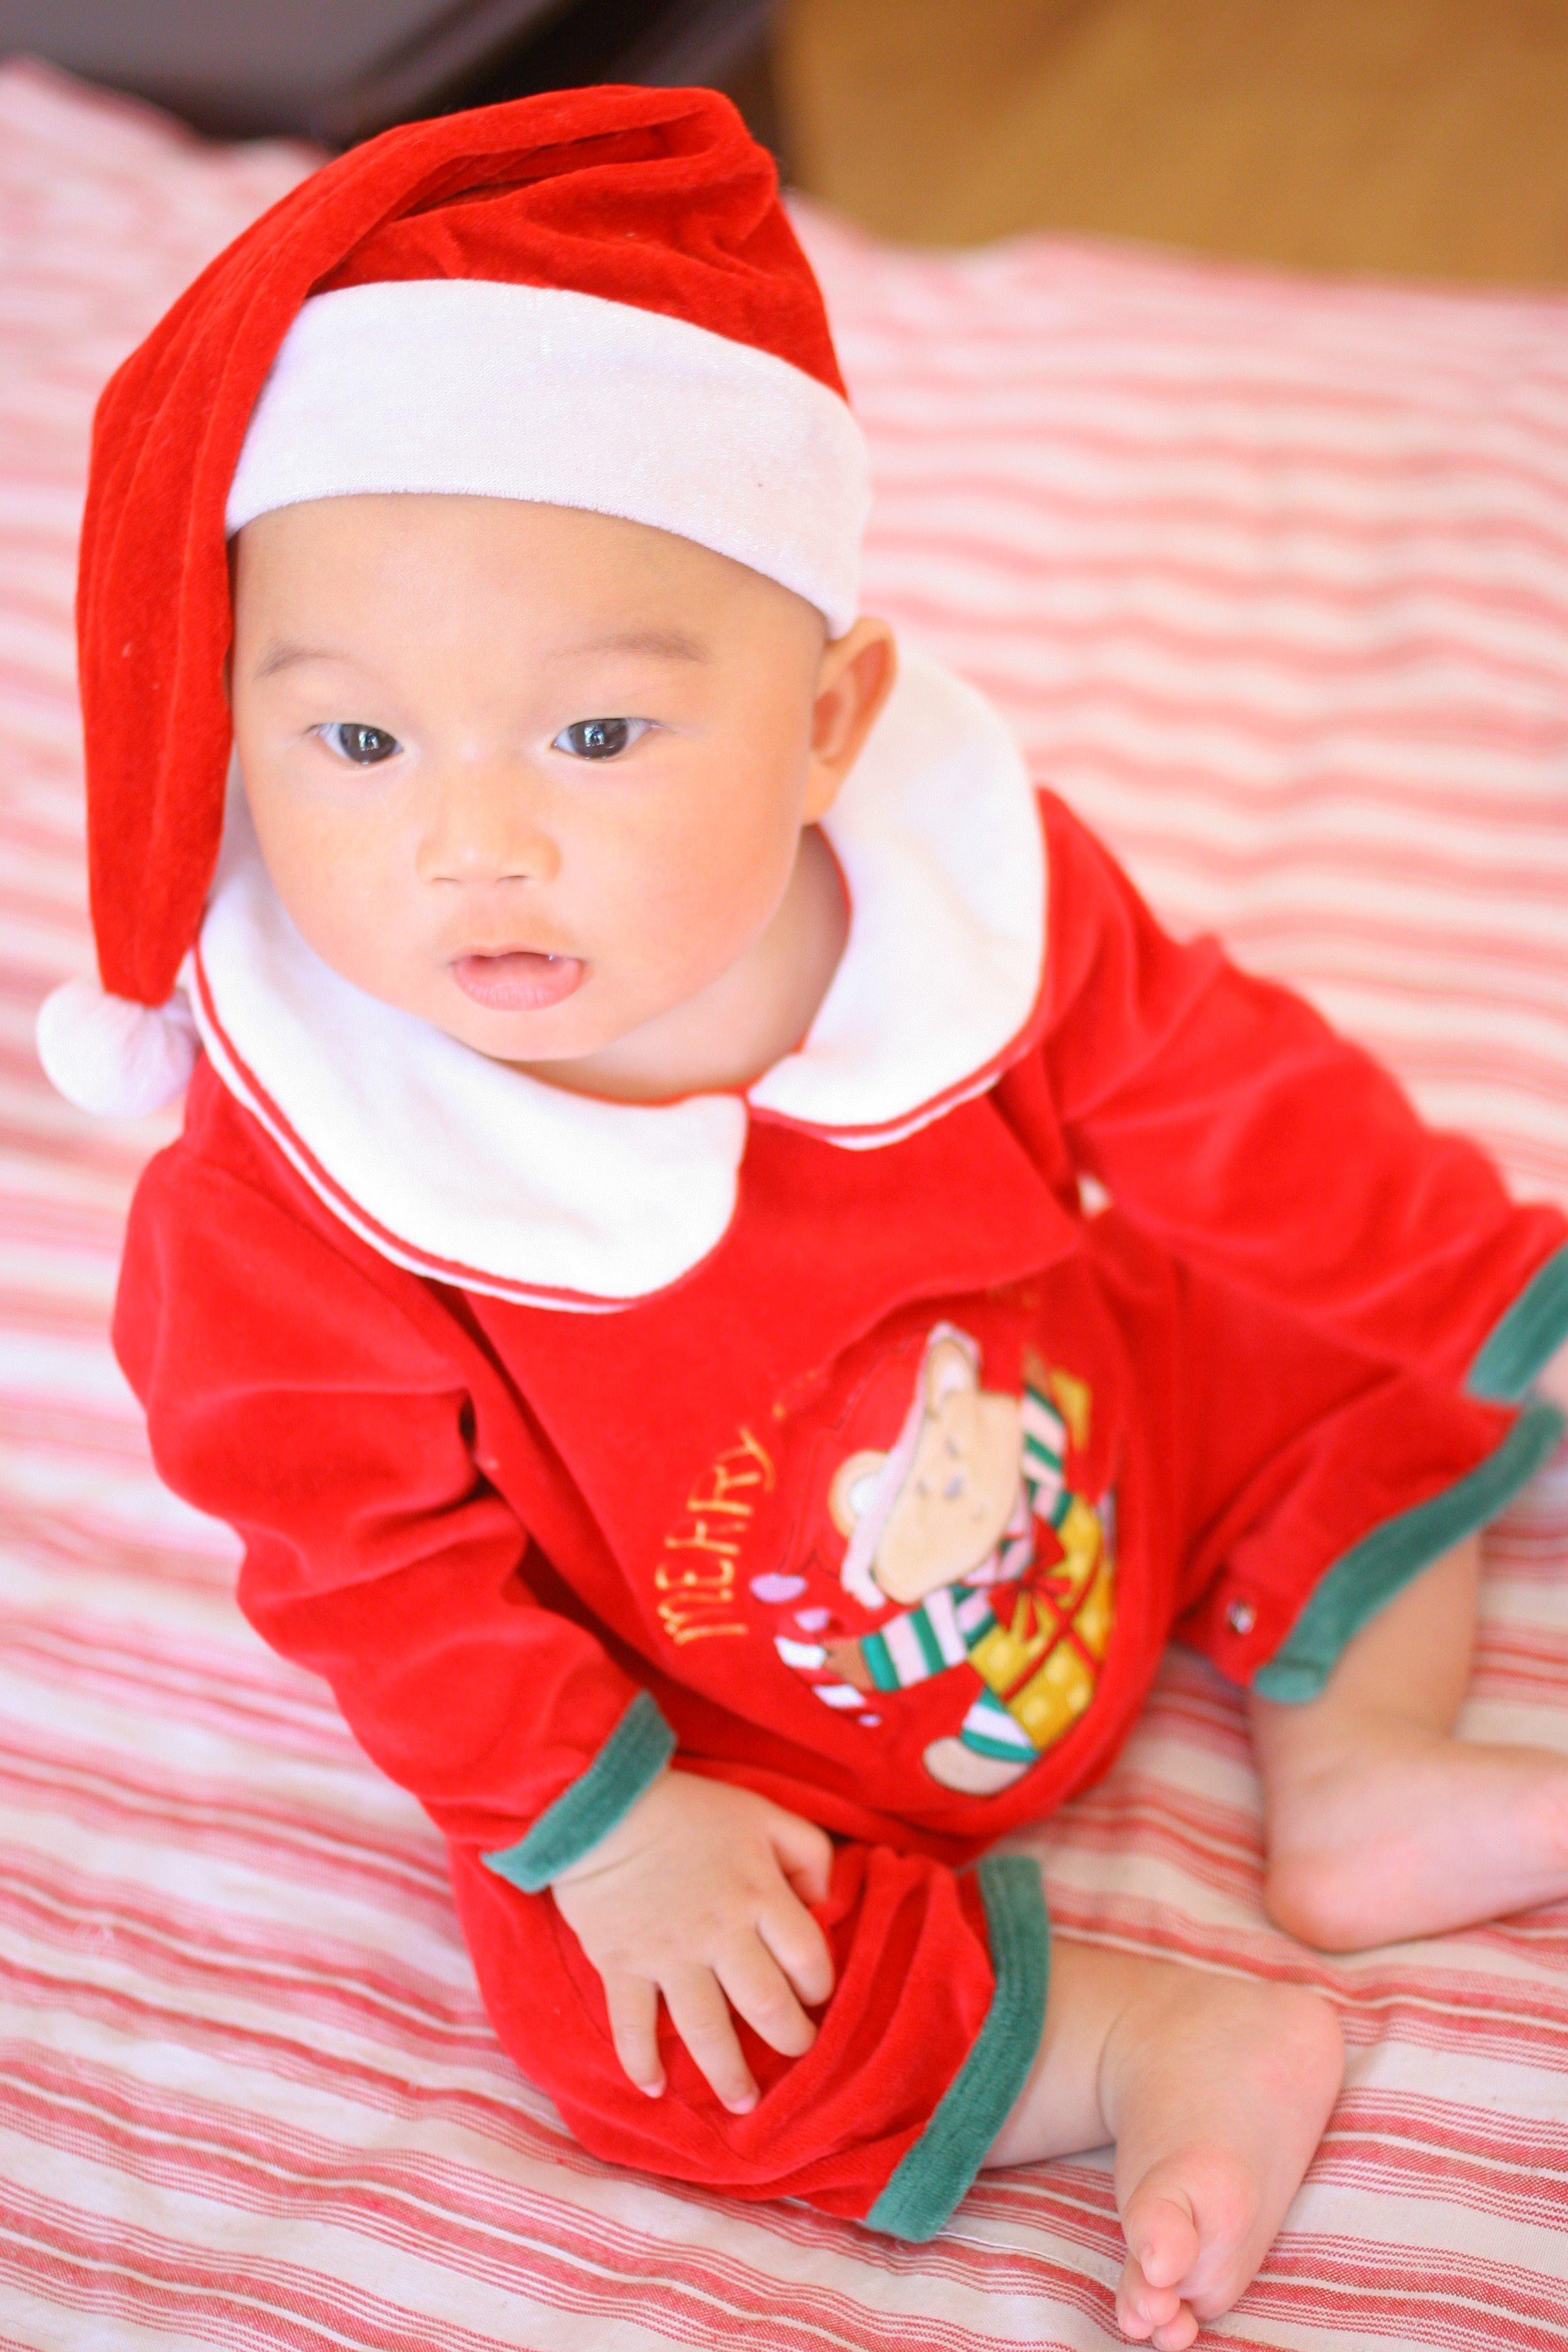 宝宝 壁纸 儿童 孩子 小孩 婴儿 2336_3504 竖版 竖屏 手机